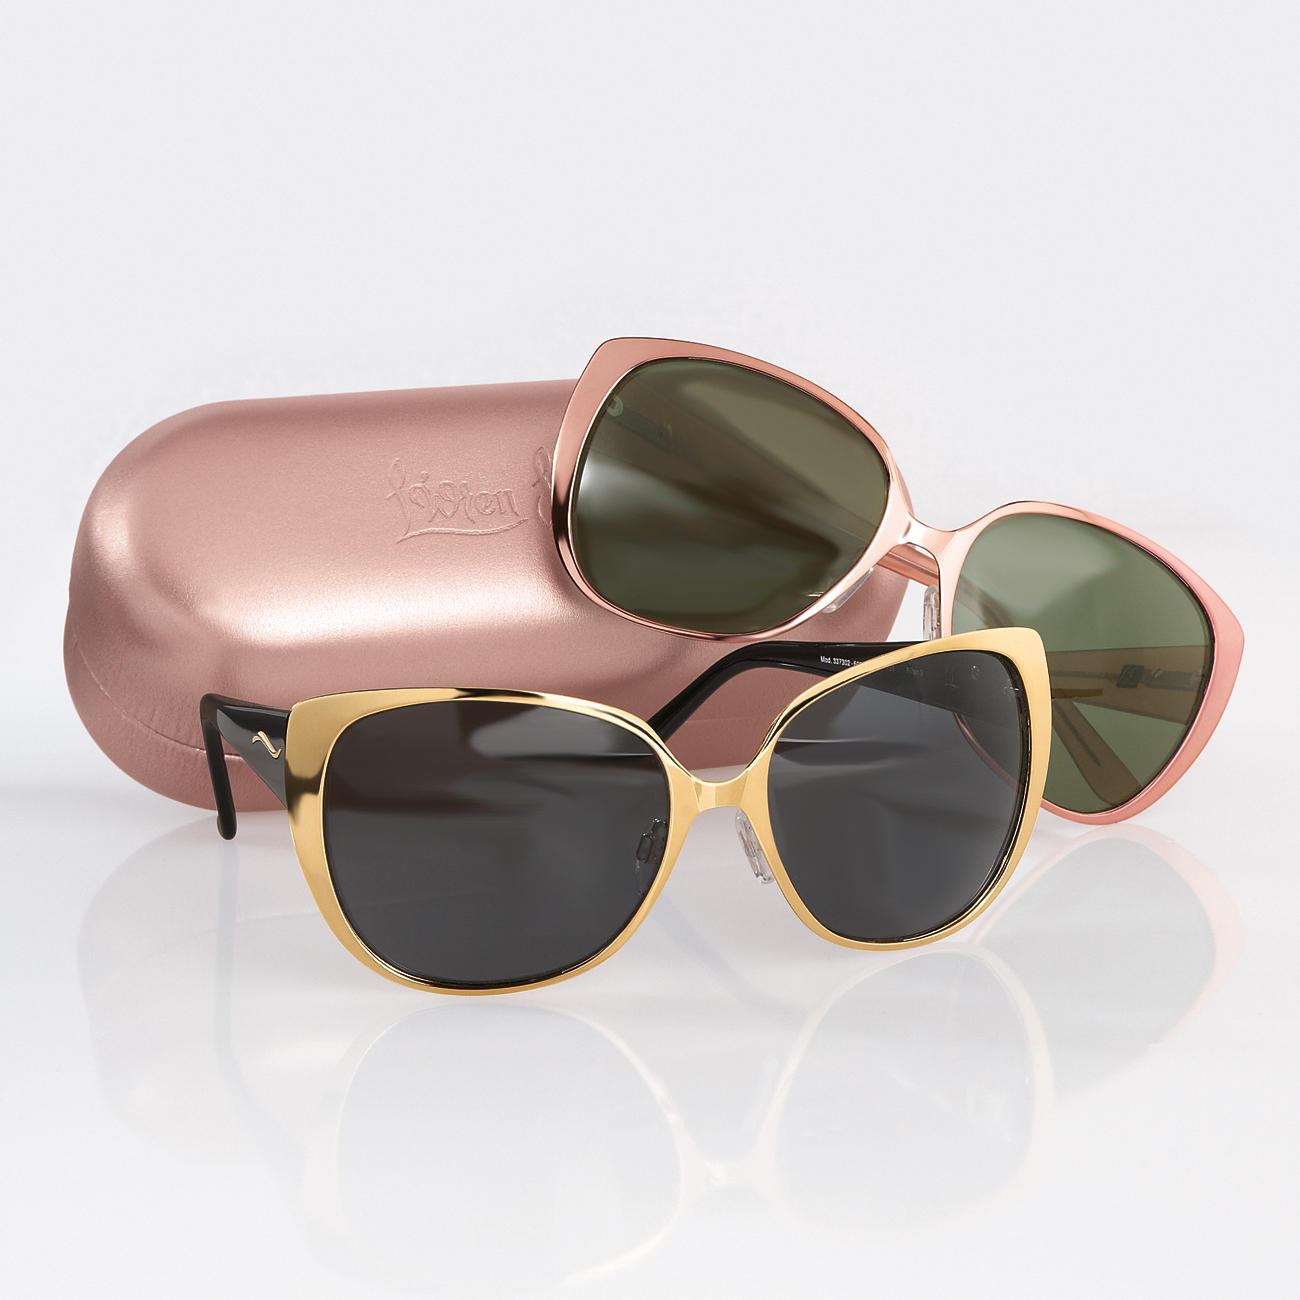 acheter lunettes de soleil en ligne pas cher louisiana bucket brigade. Black Bedroom Furniture Sets. Home Design Ideas